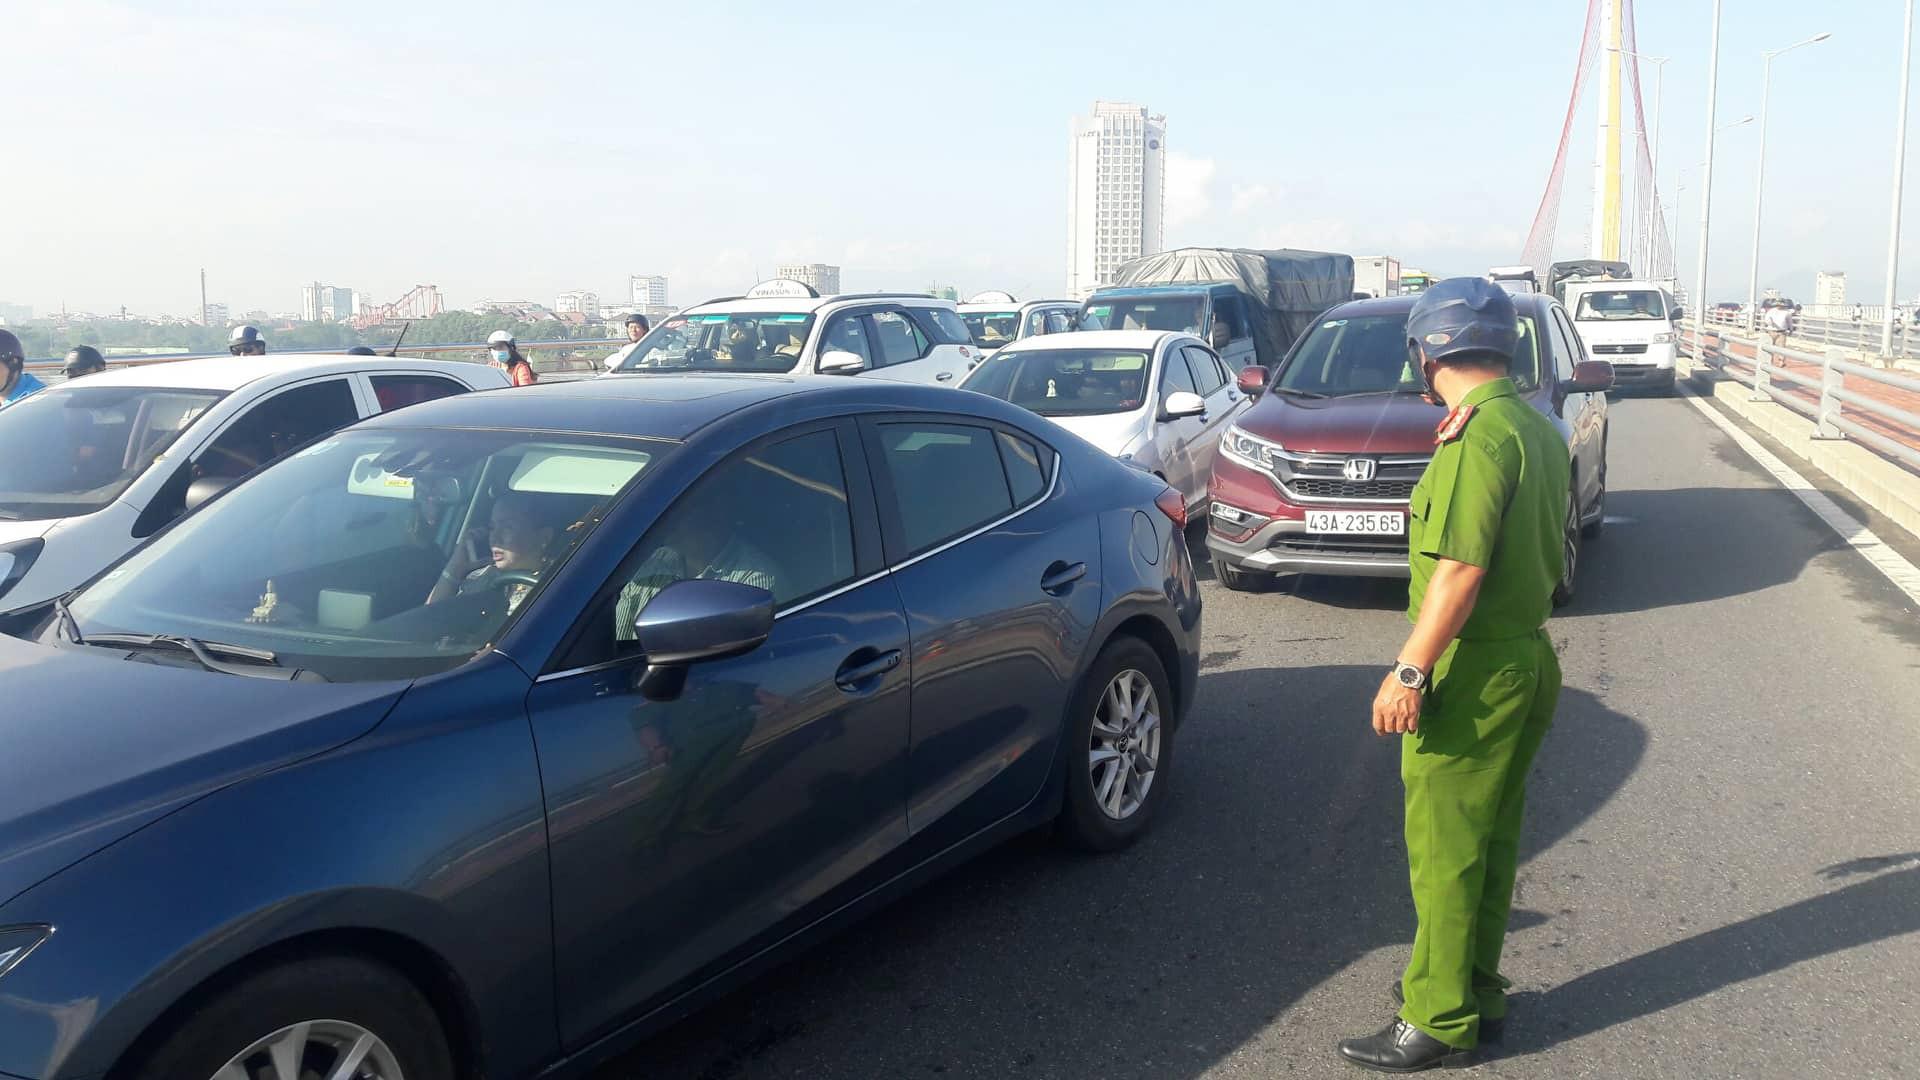 Đà Nẵng: Xe tải lật giữa cầu, giao thông ách tắc nghiêm trọng giờ cao điểm - Ảnh 3.